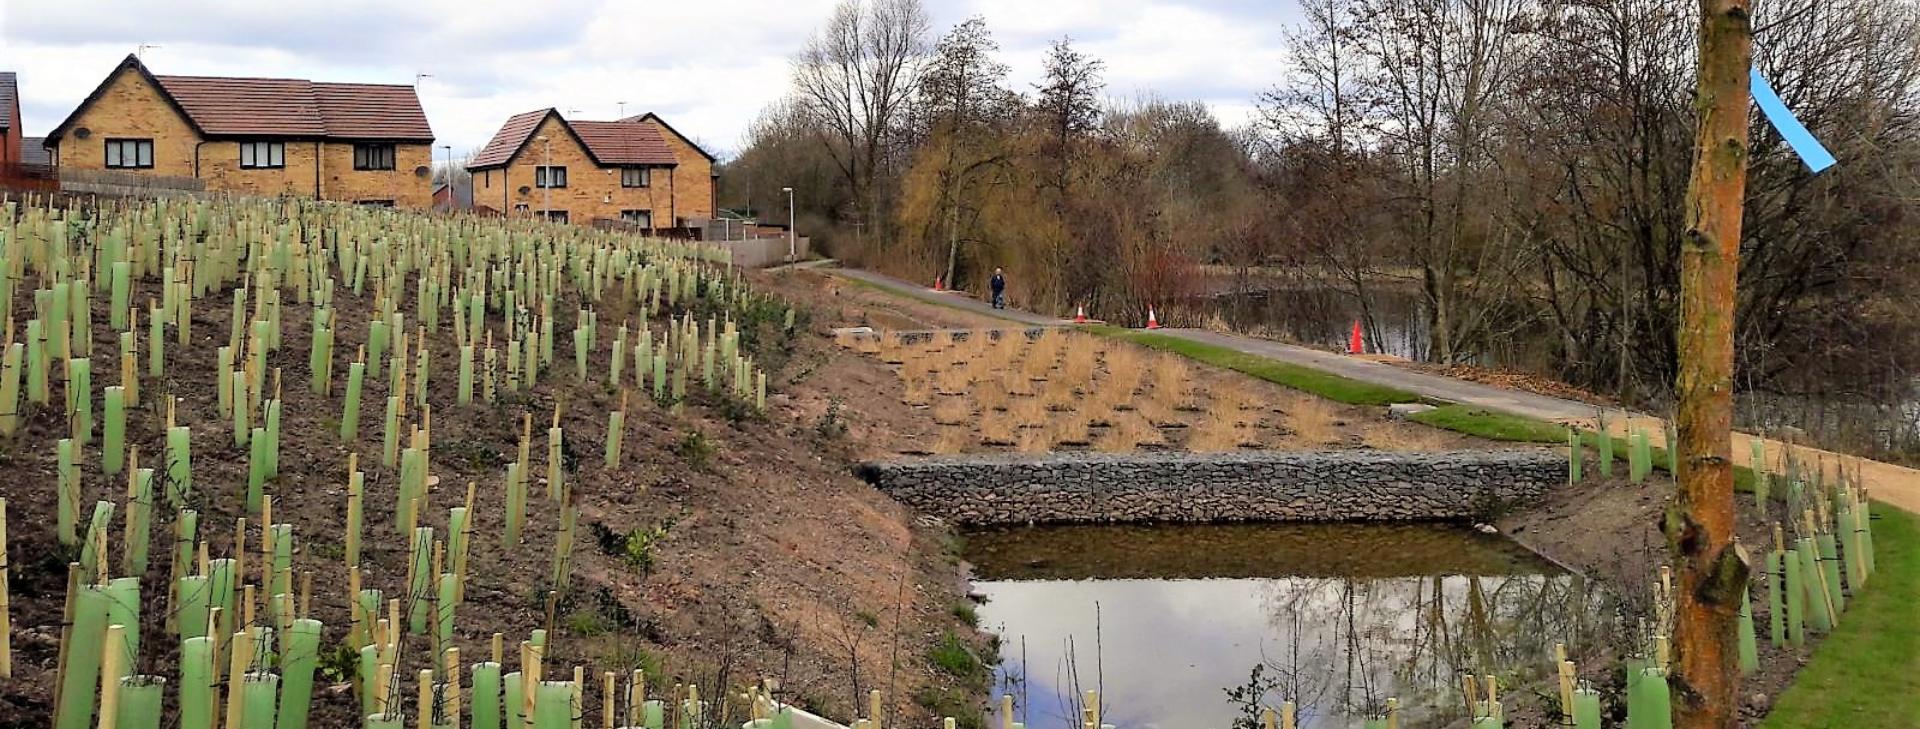 Sustainable urban design scheme